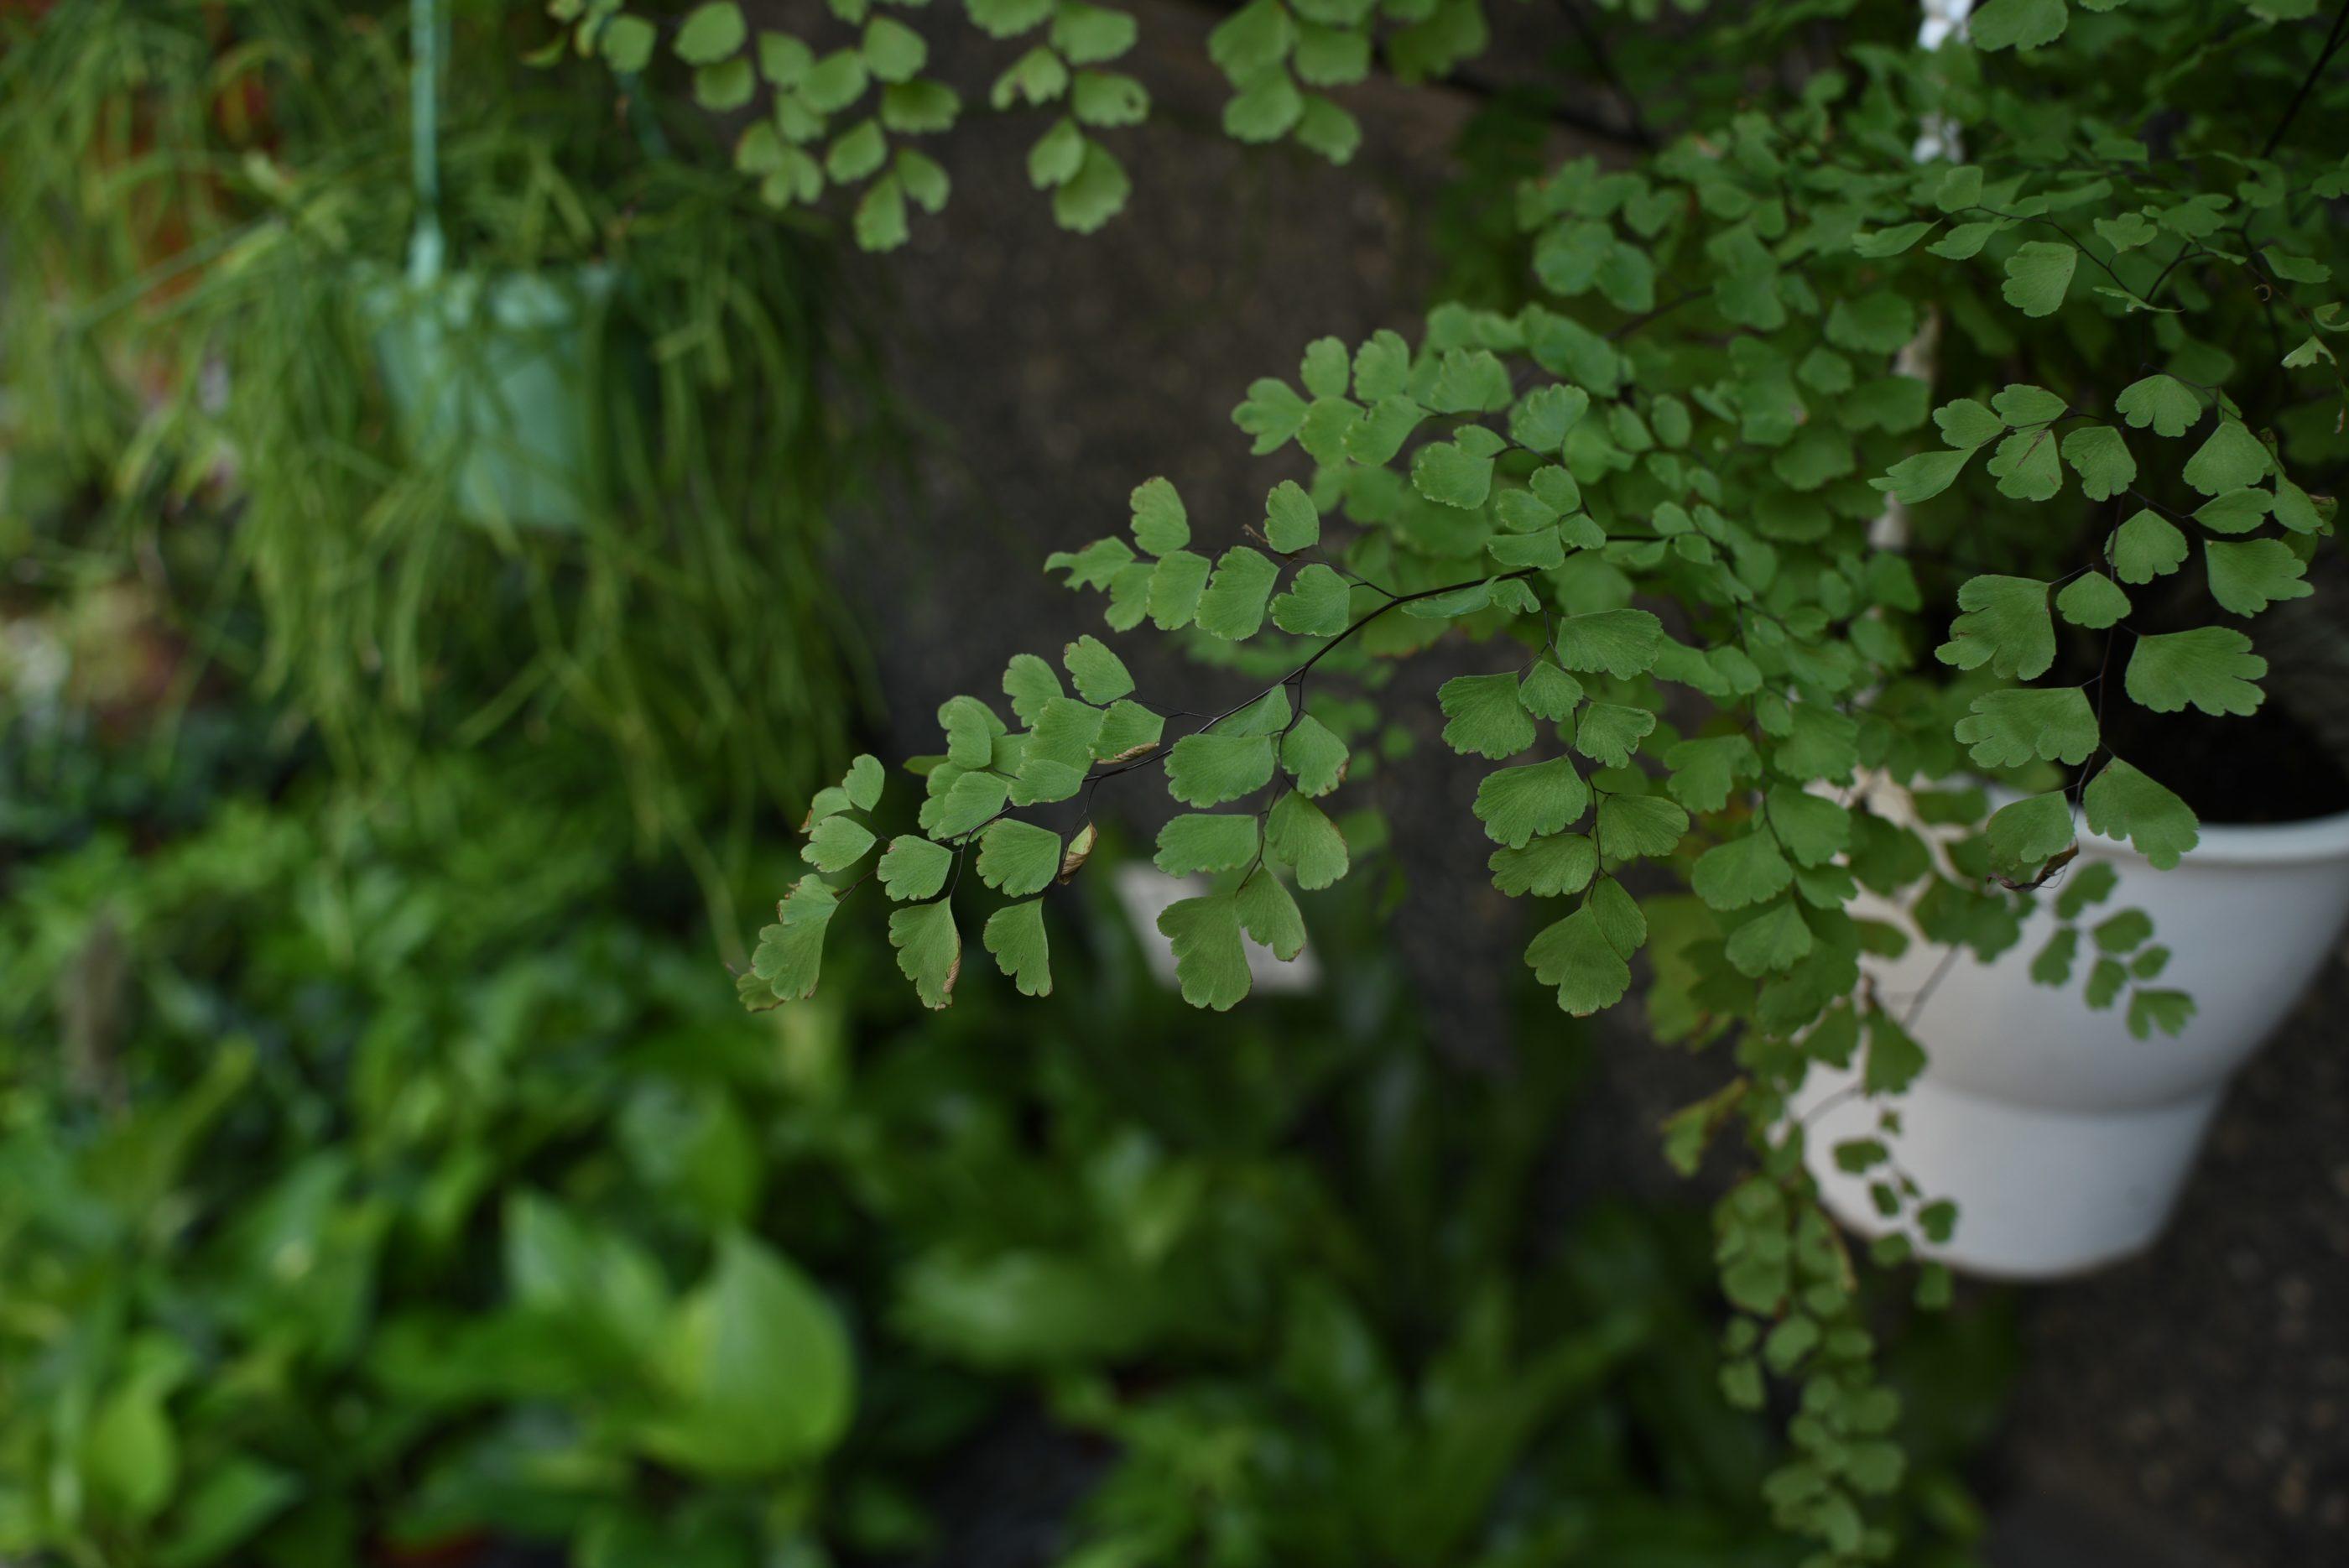 Shade house plant: adiantum capillus-veneris